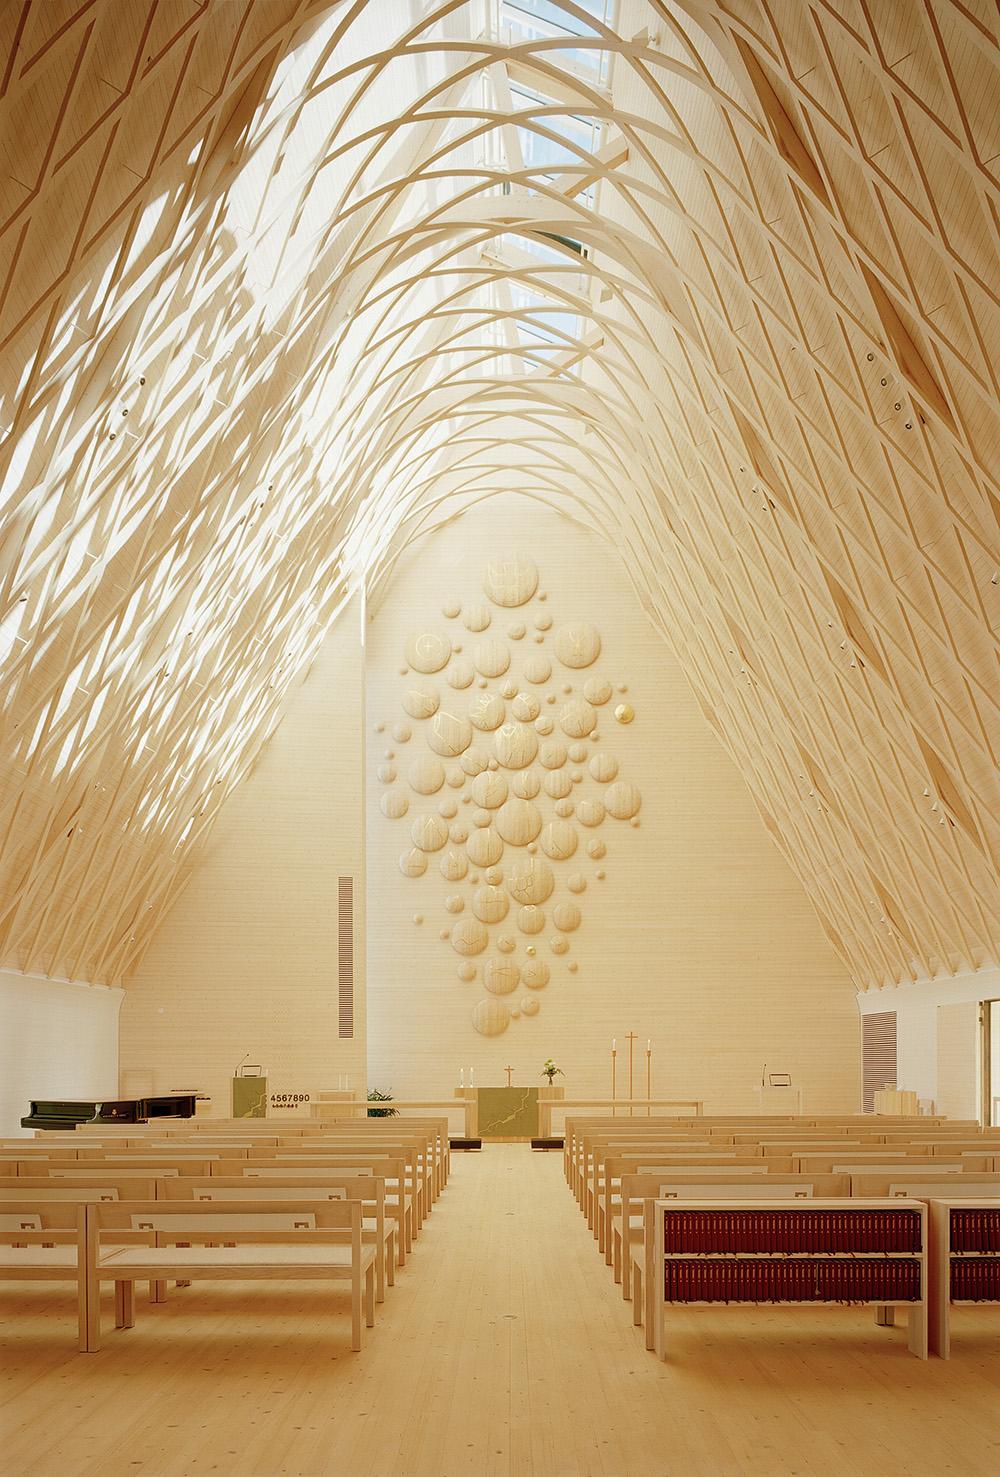 Chiesa di Kuokkala, tutto l'interno è rivestito in legno. COme è d'uso nelle chiese protestanti, invece dell'organo v'è un pianoforte posto in prossimità dell'altare.